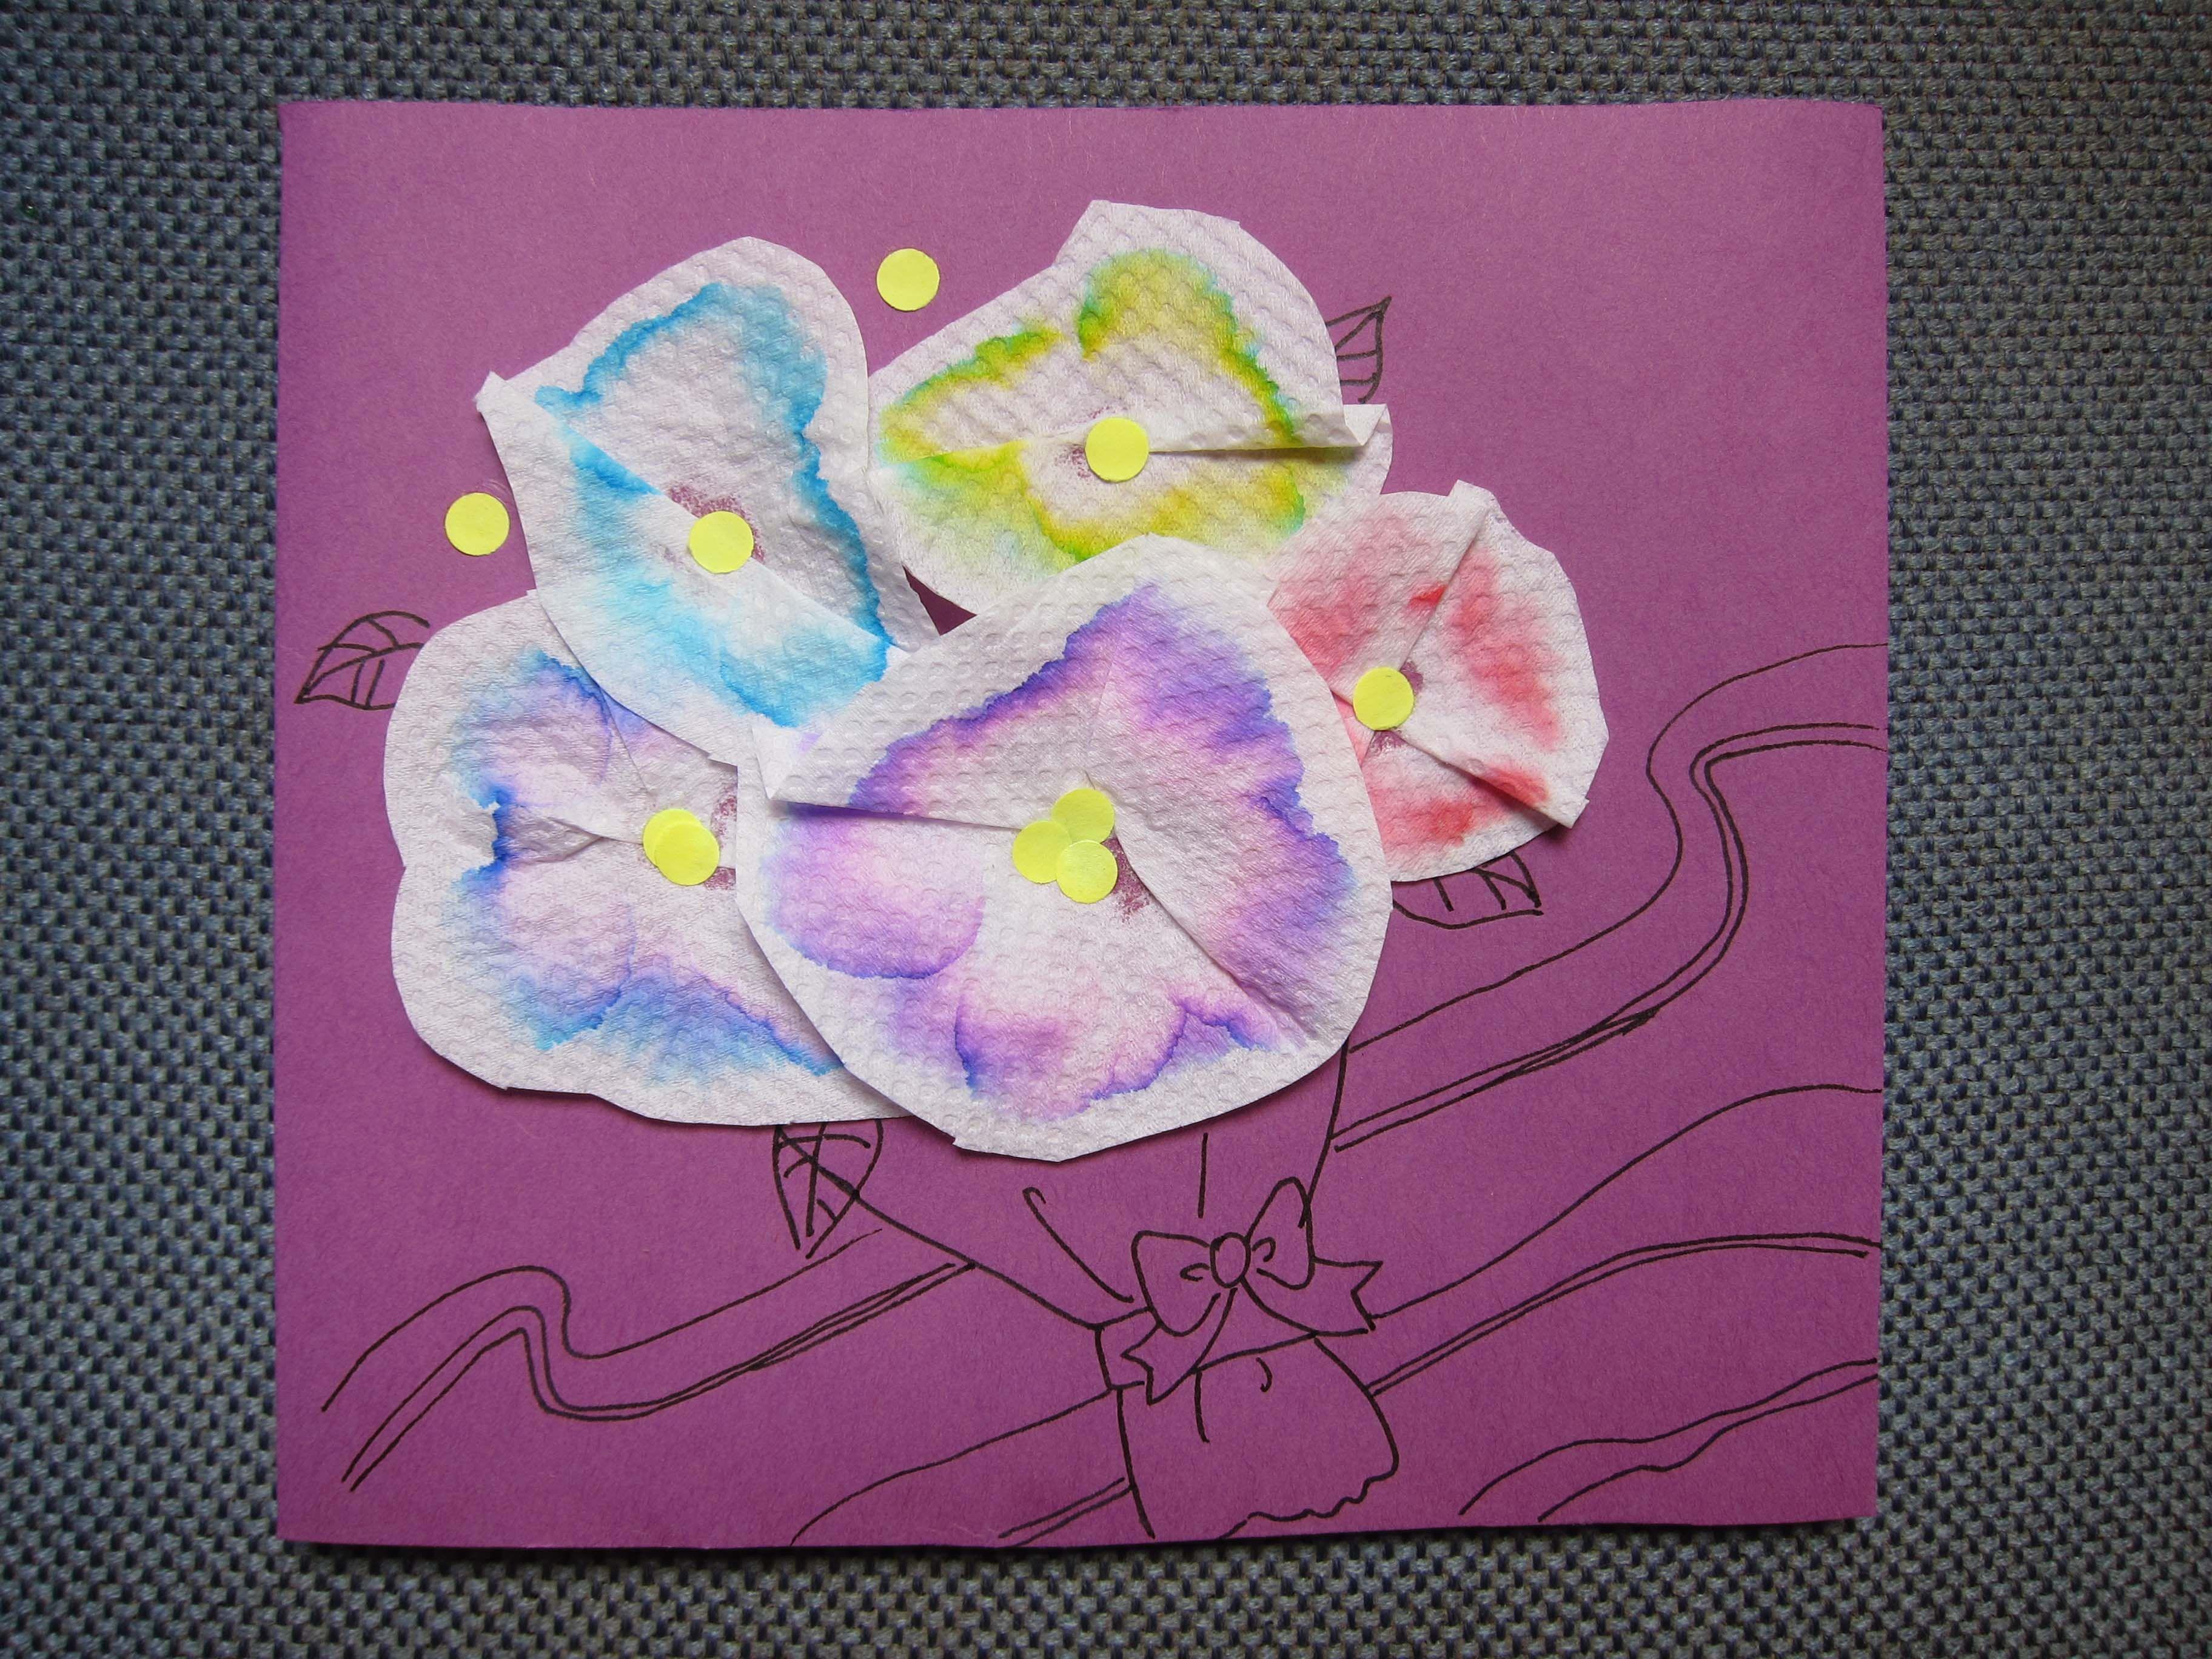 Kitchen tissue motheru day card kids crafts paper crafts